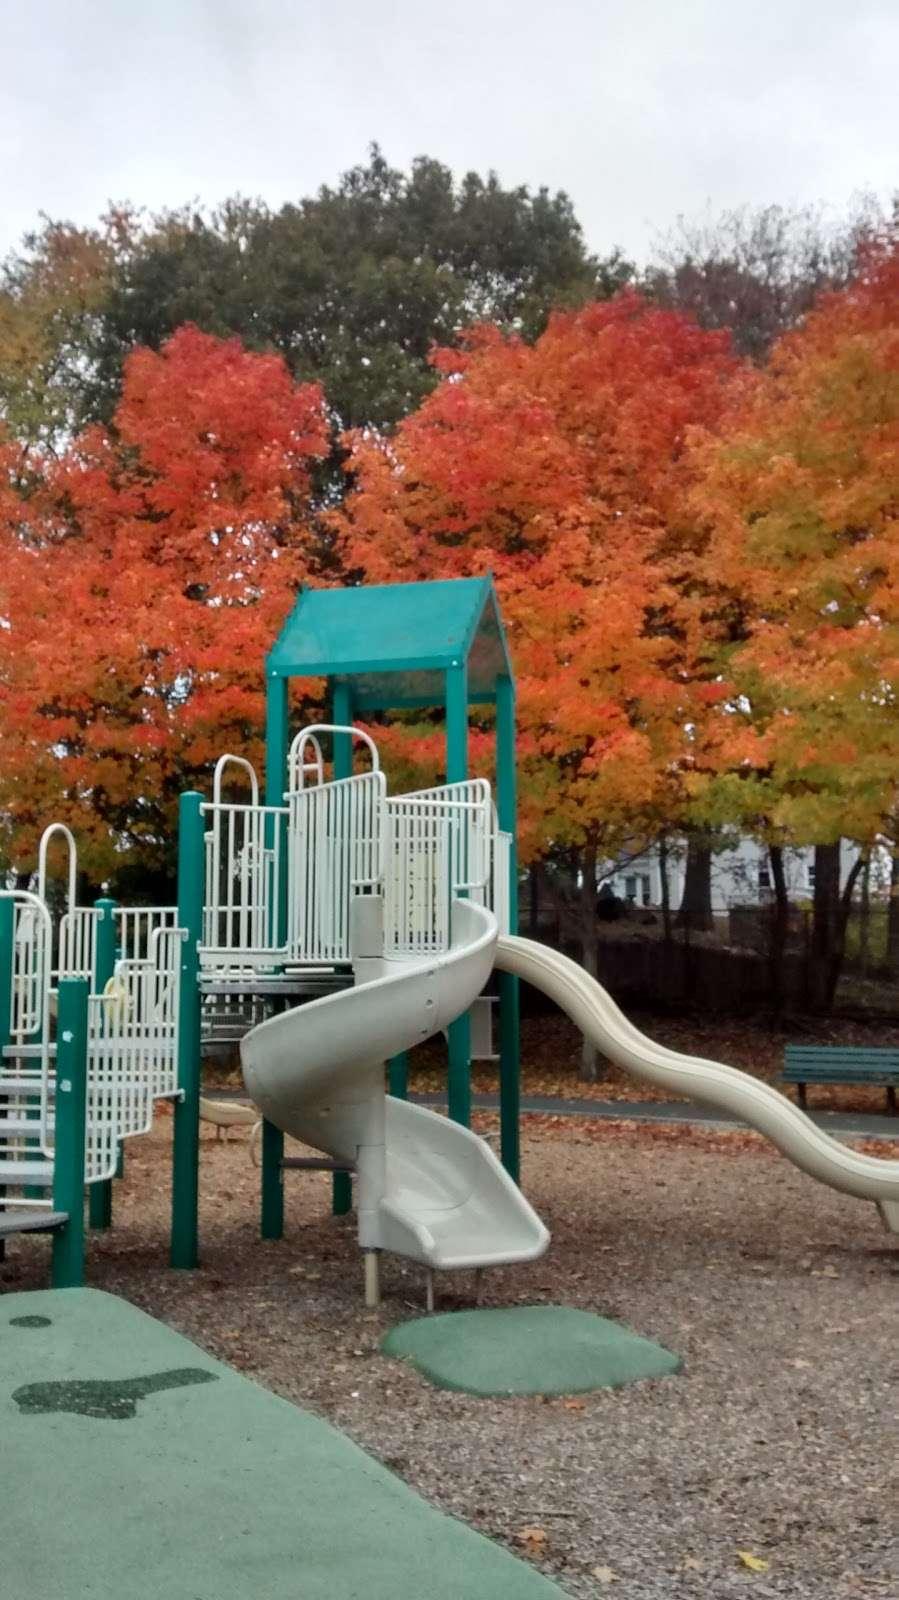 William G. Walsh Playground - park  | Photo 6 of 10 | Address: 967 Washington St, Boston, MA 02026, USA | Phone: (617) 635-4500